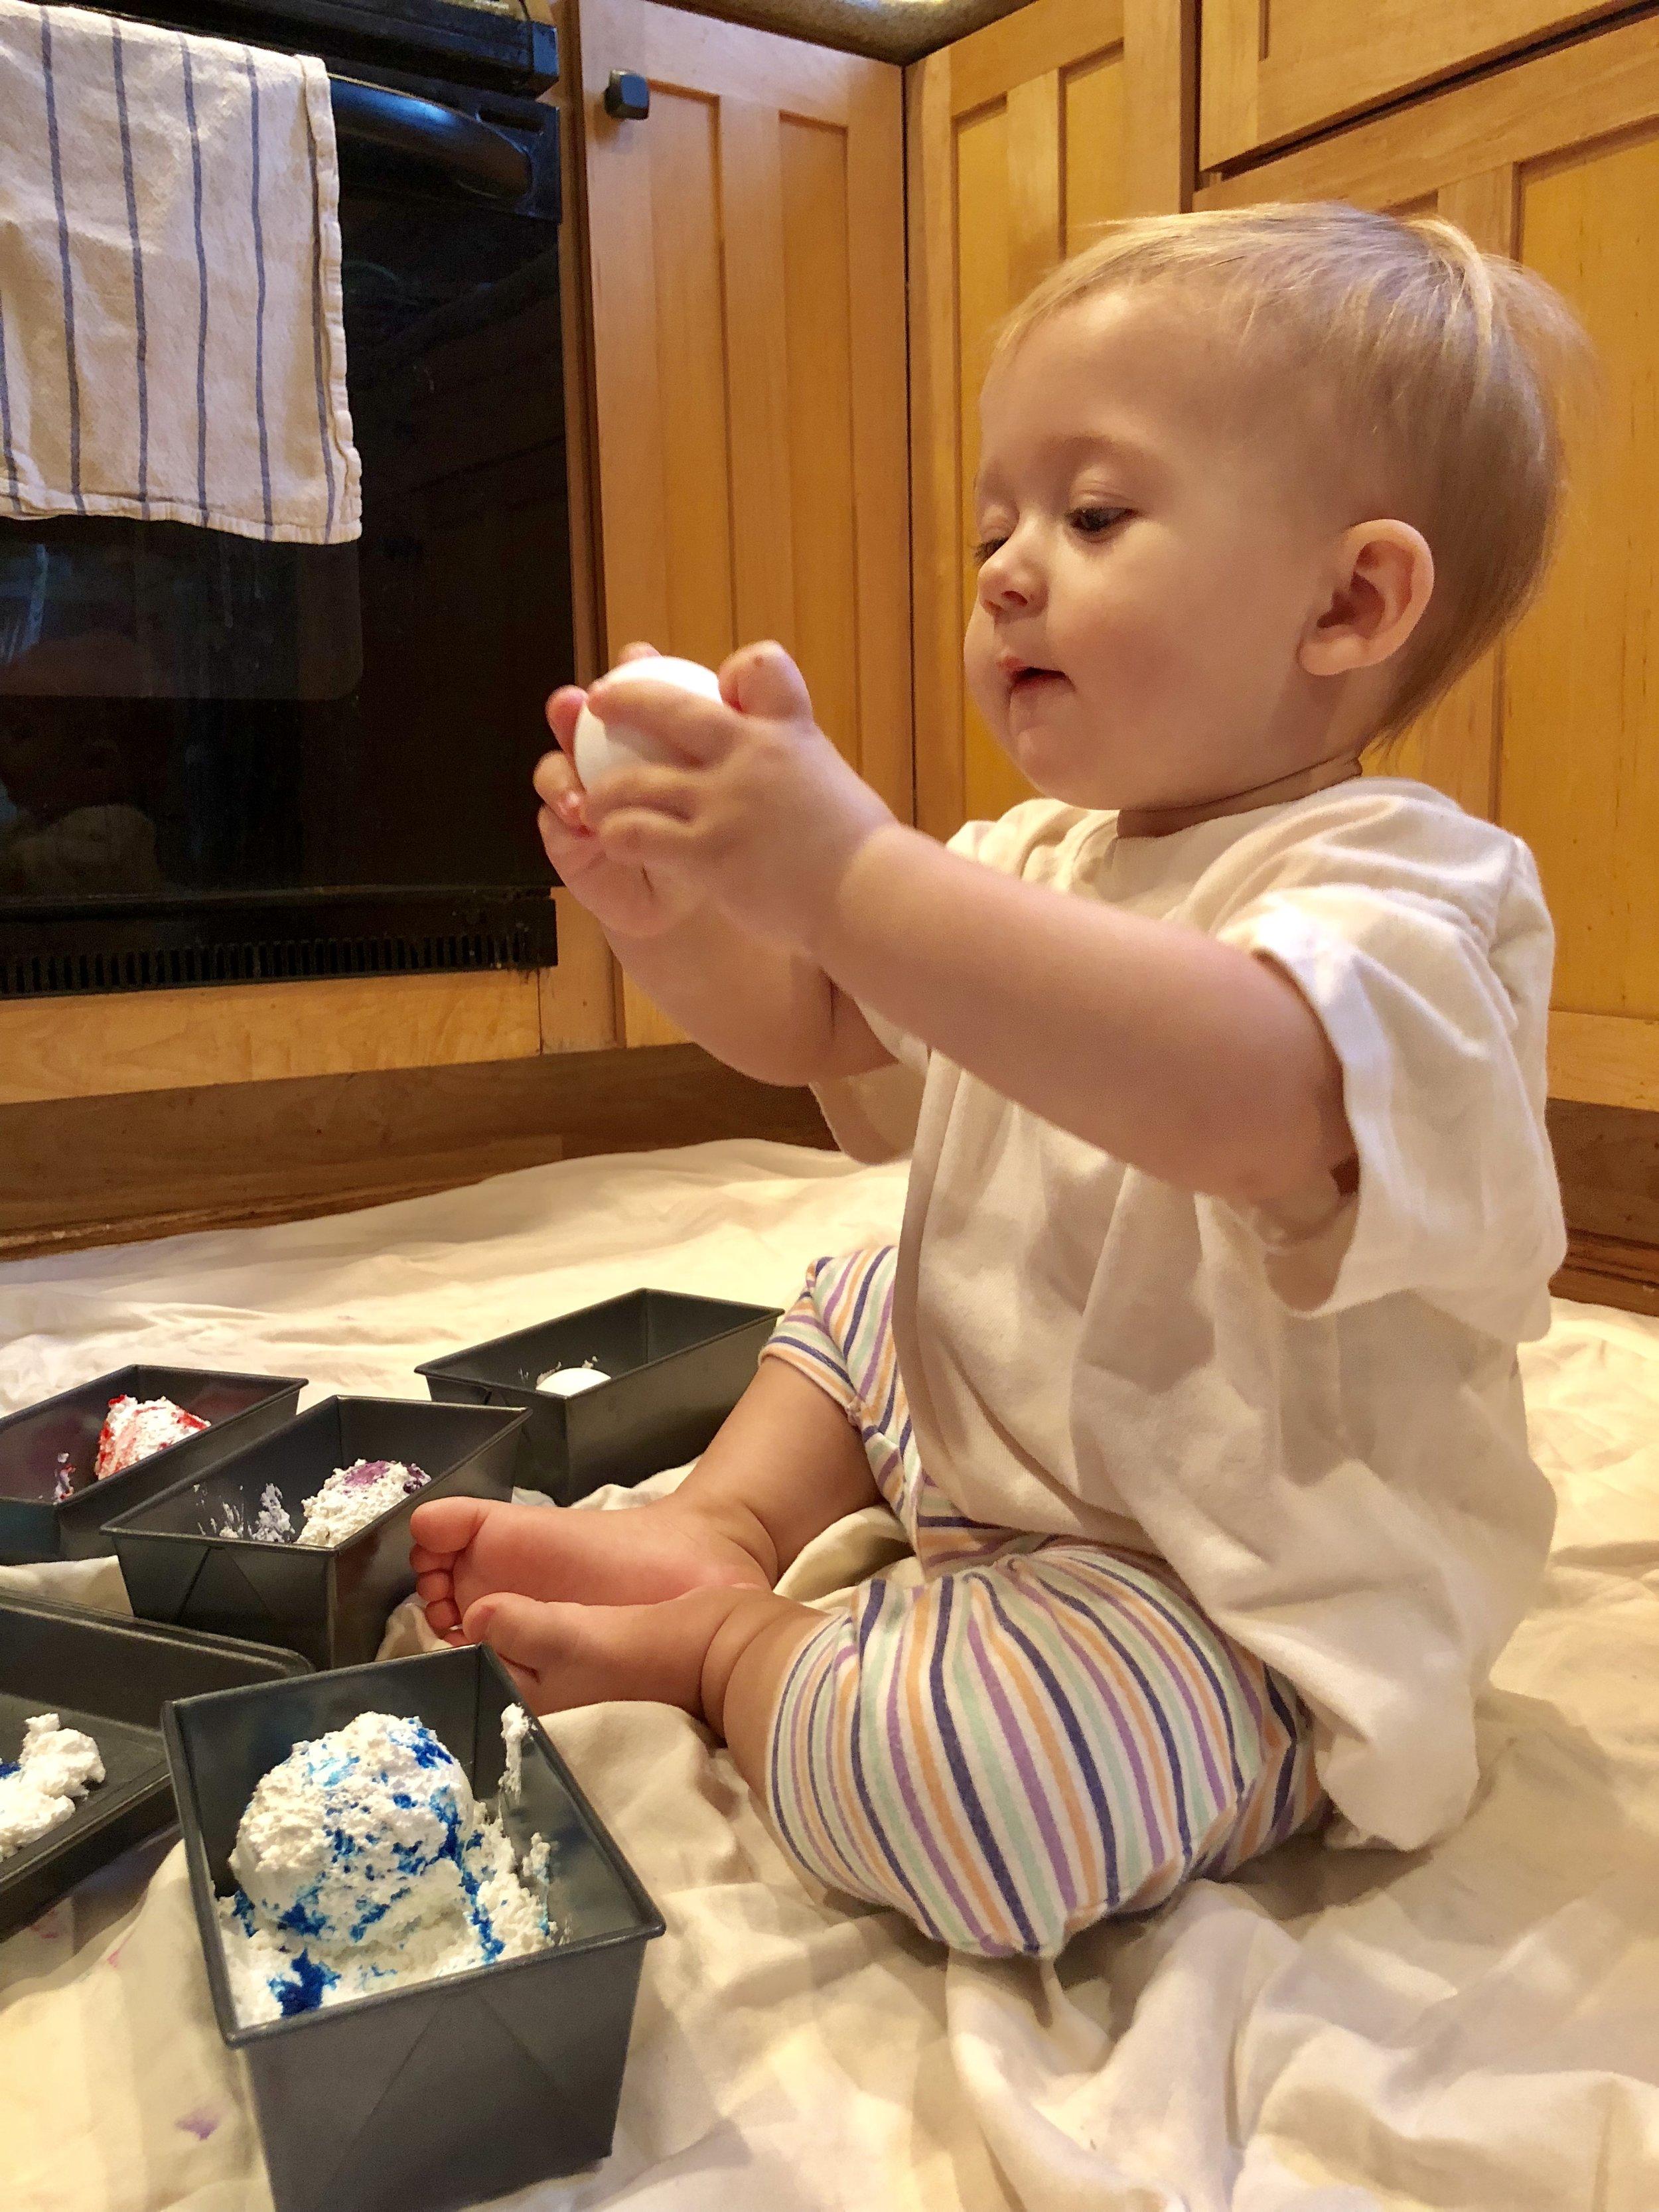 Eggs are fun!